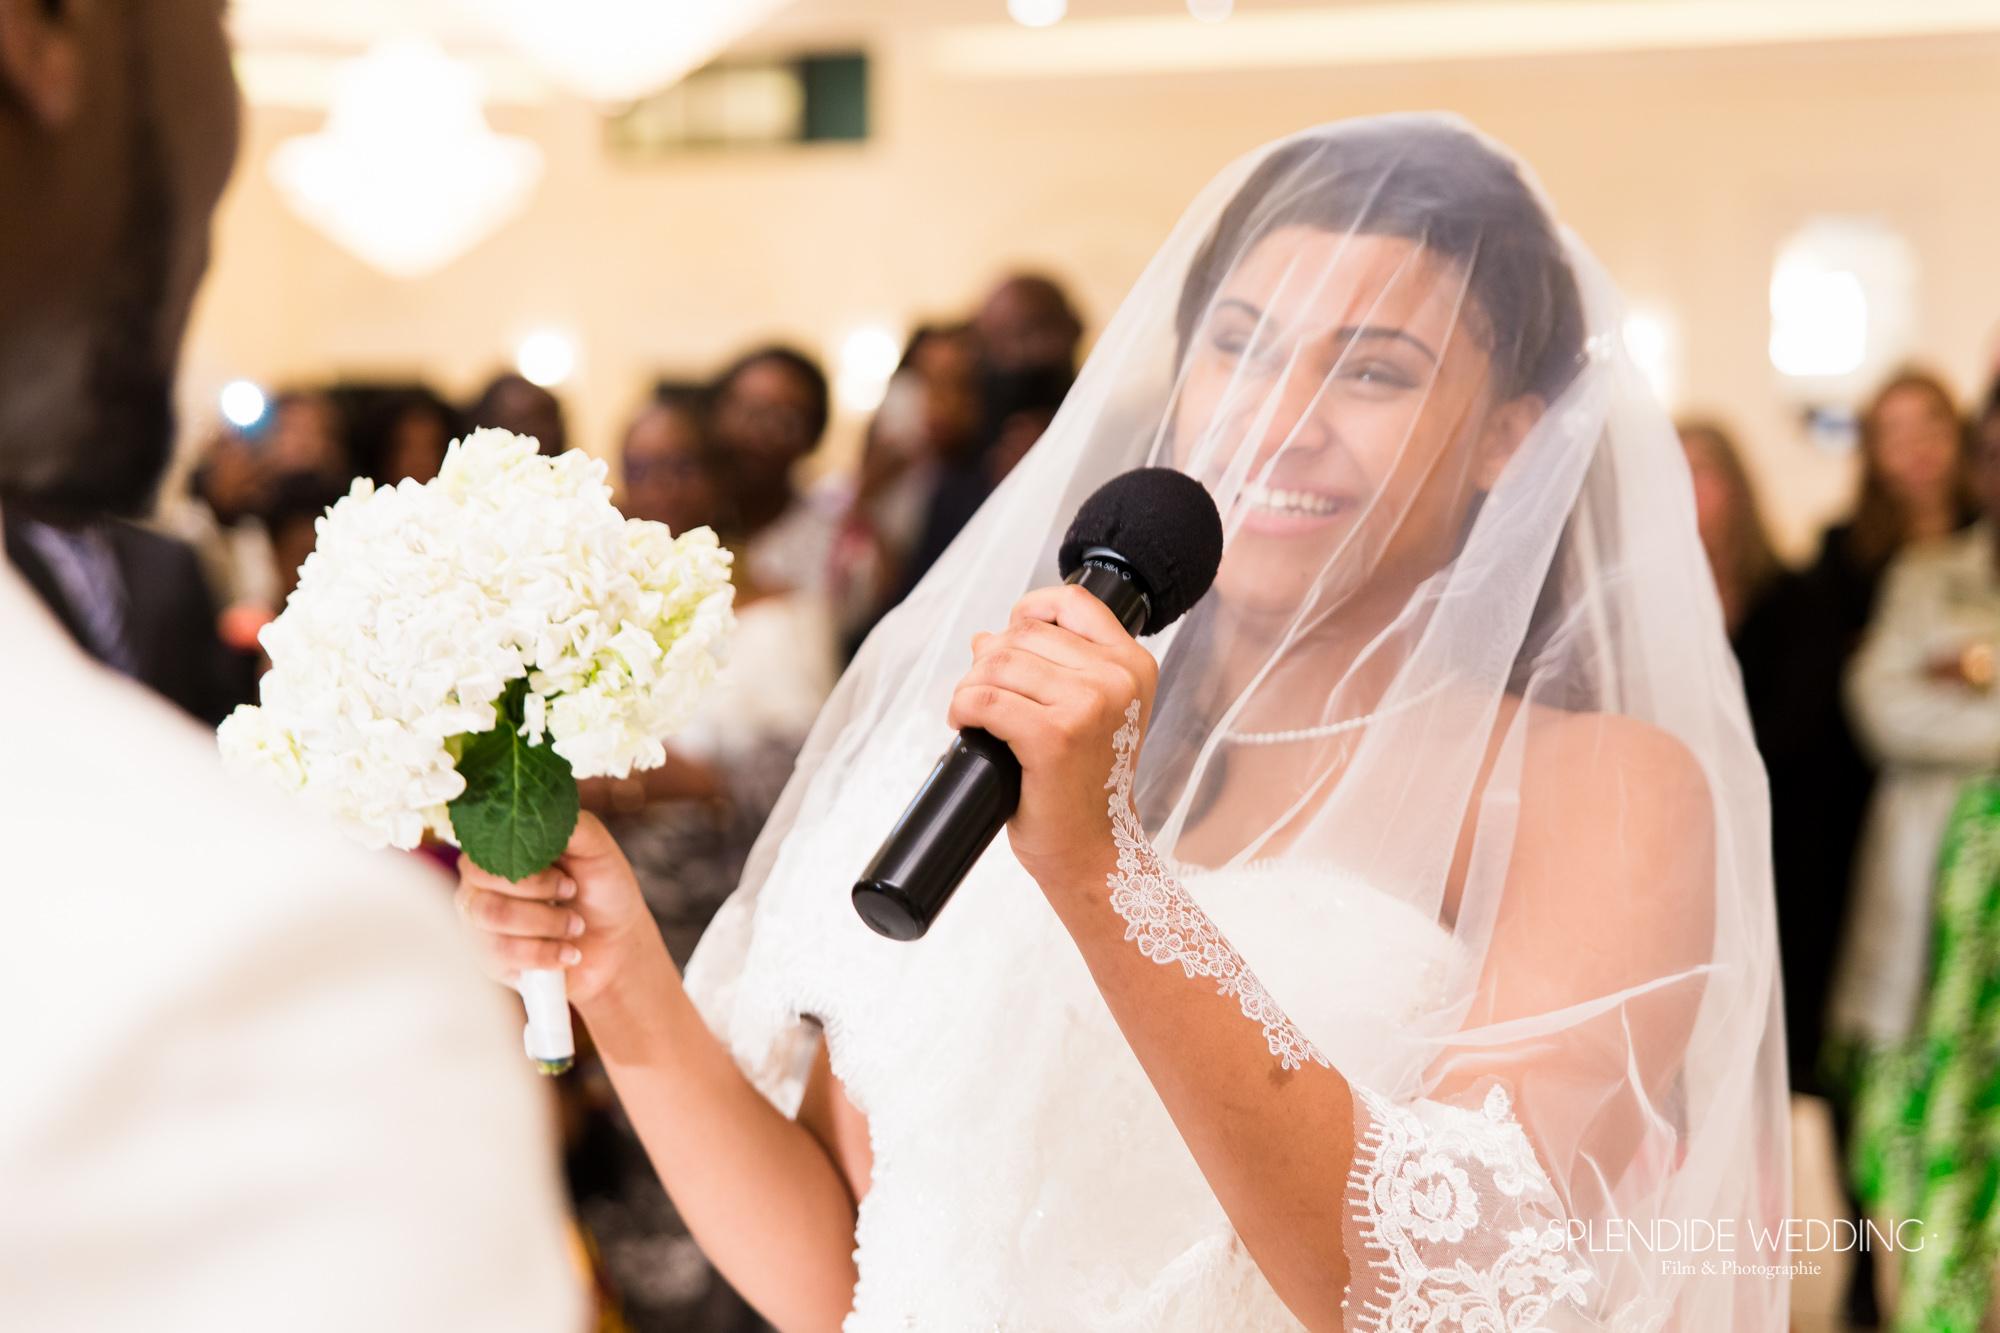 Photographe mariage Paris 19ème Chantal & Darius discours de la mariée